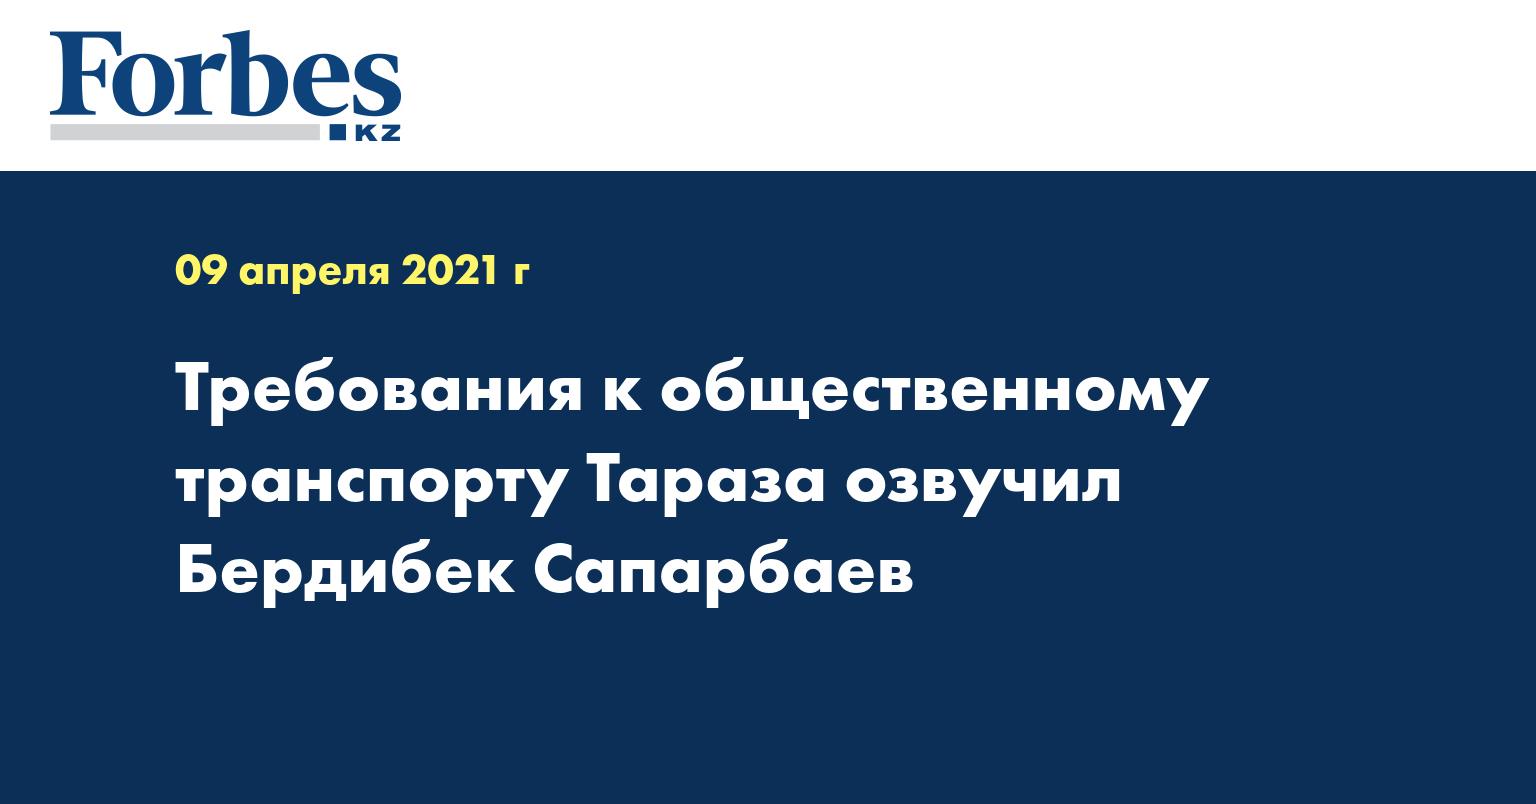 Требования к общественному транспорту Тараза озвучил Бердибек Сапарбаев